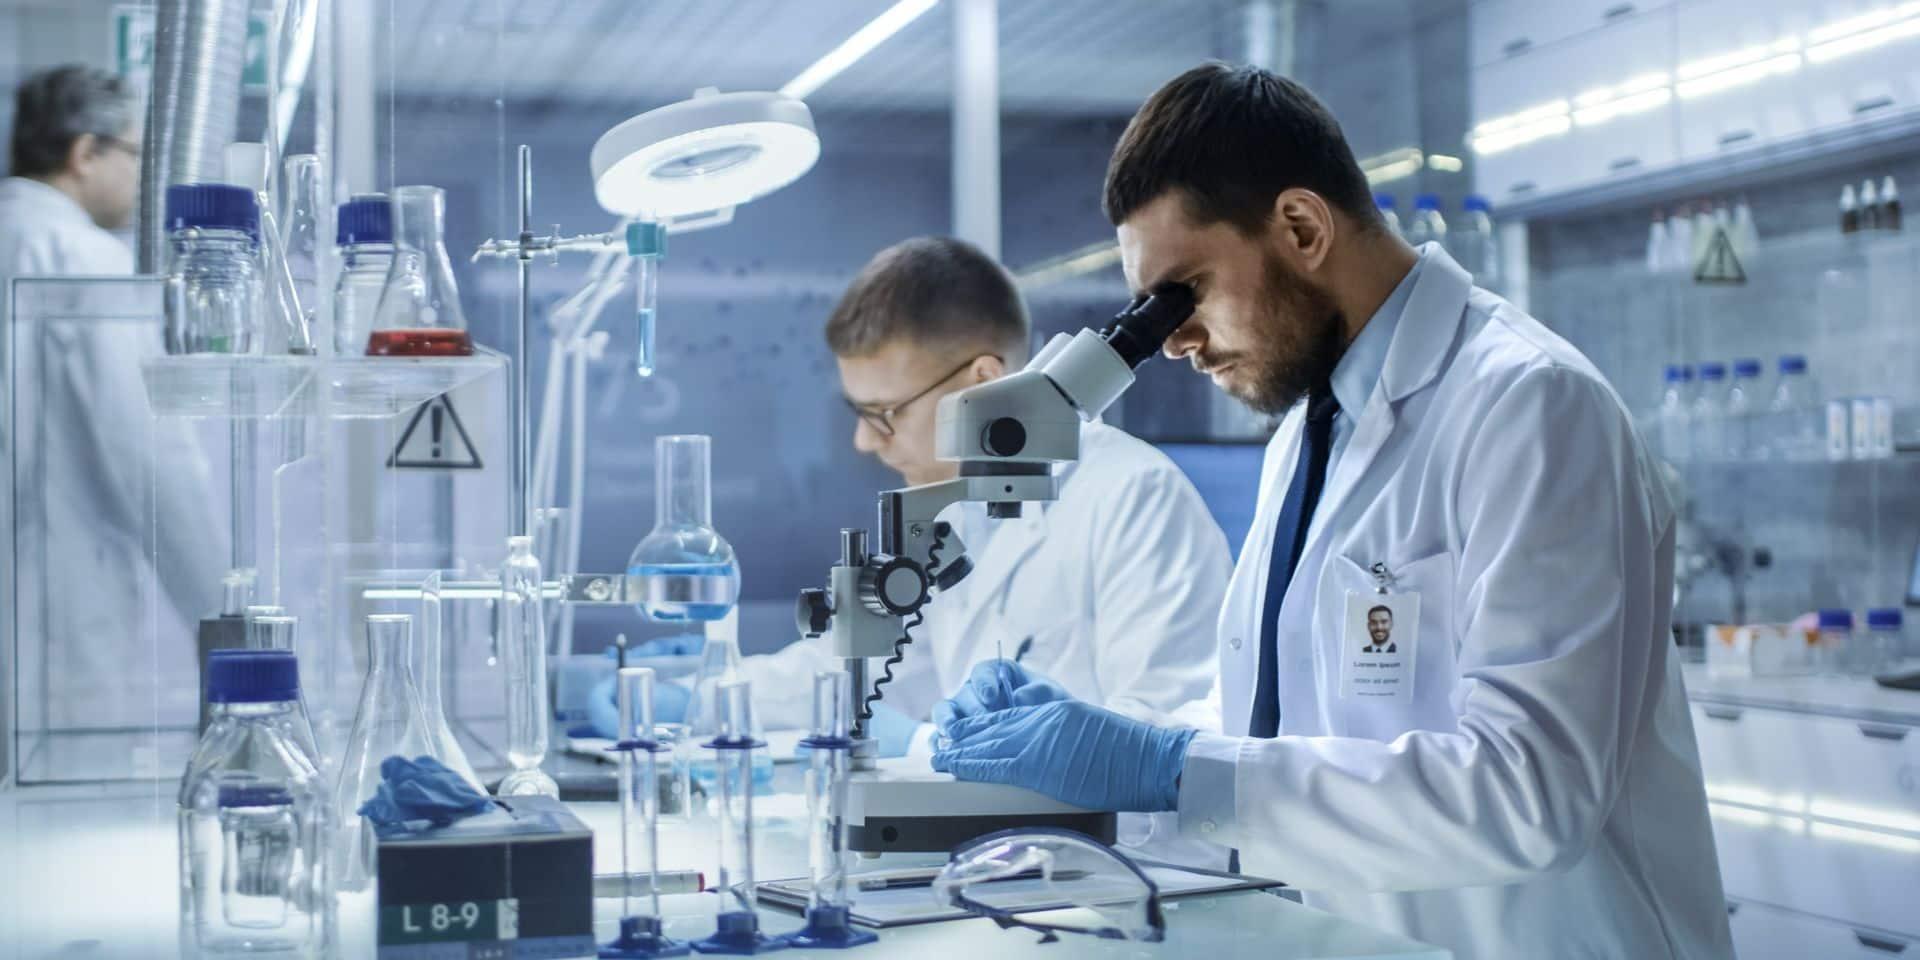 Le plan de réorganisation judiciaire d'Asit biotech approuvé par les créanciers